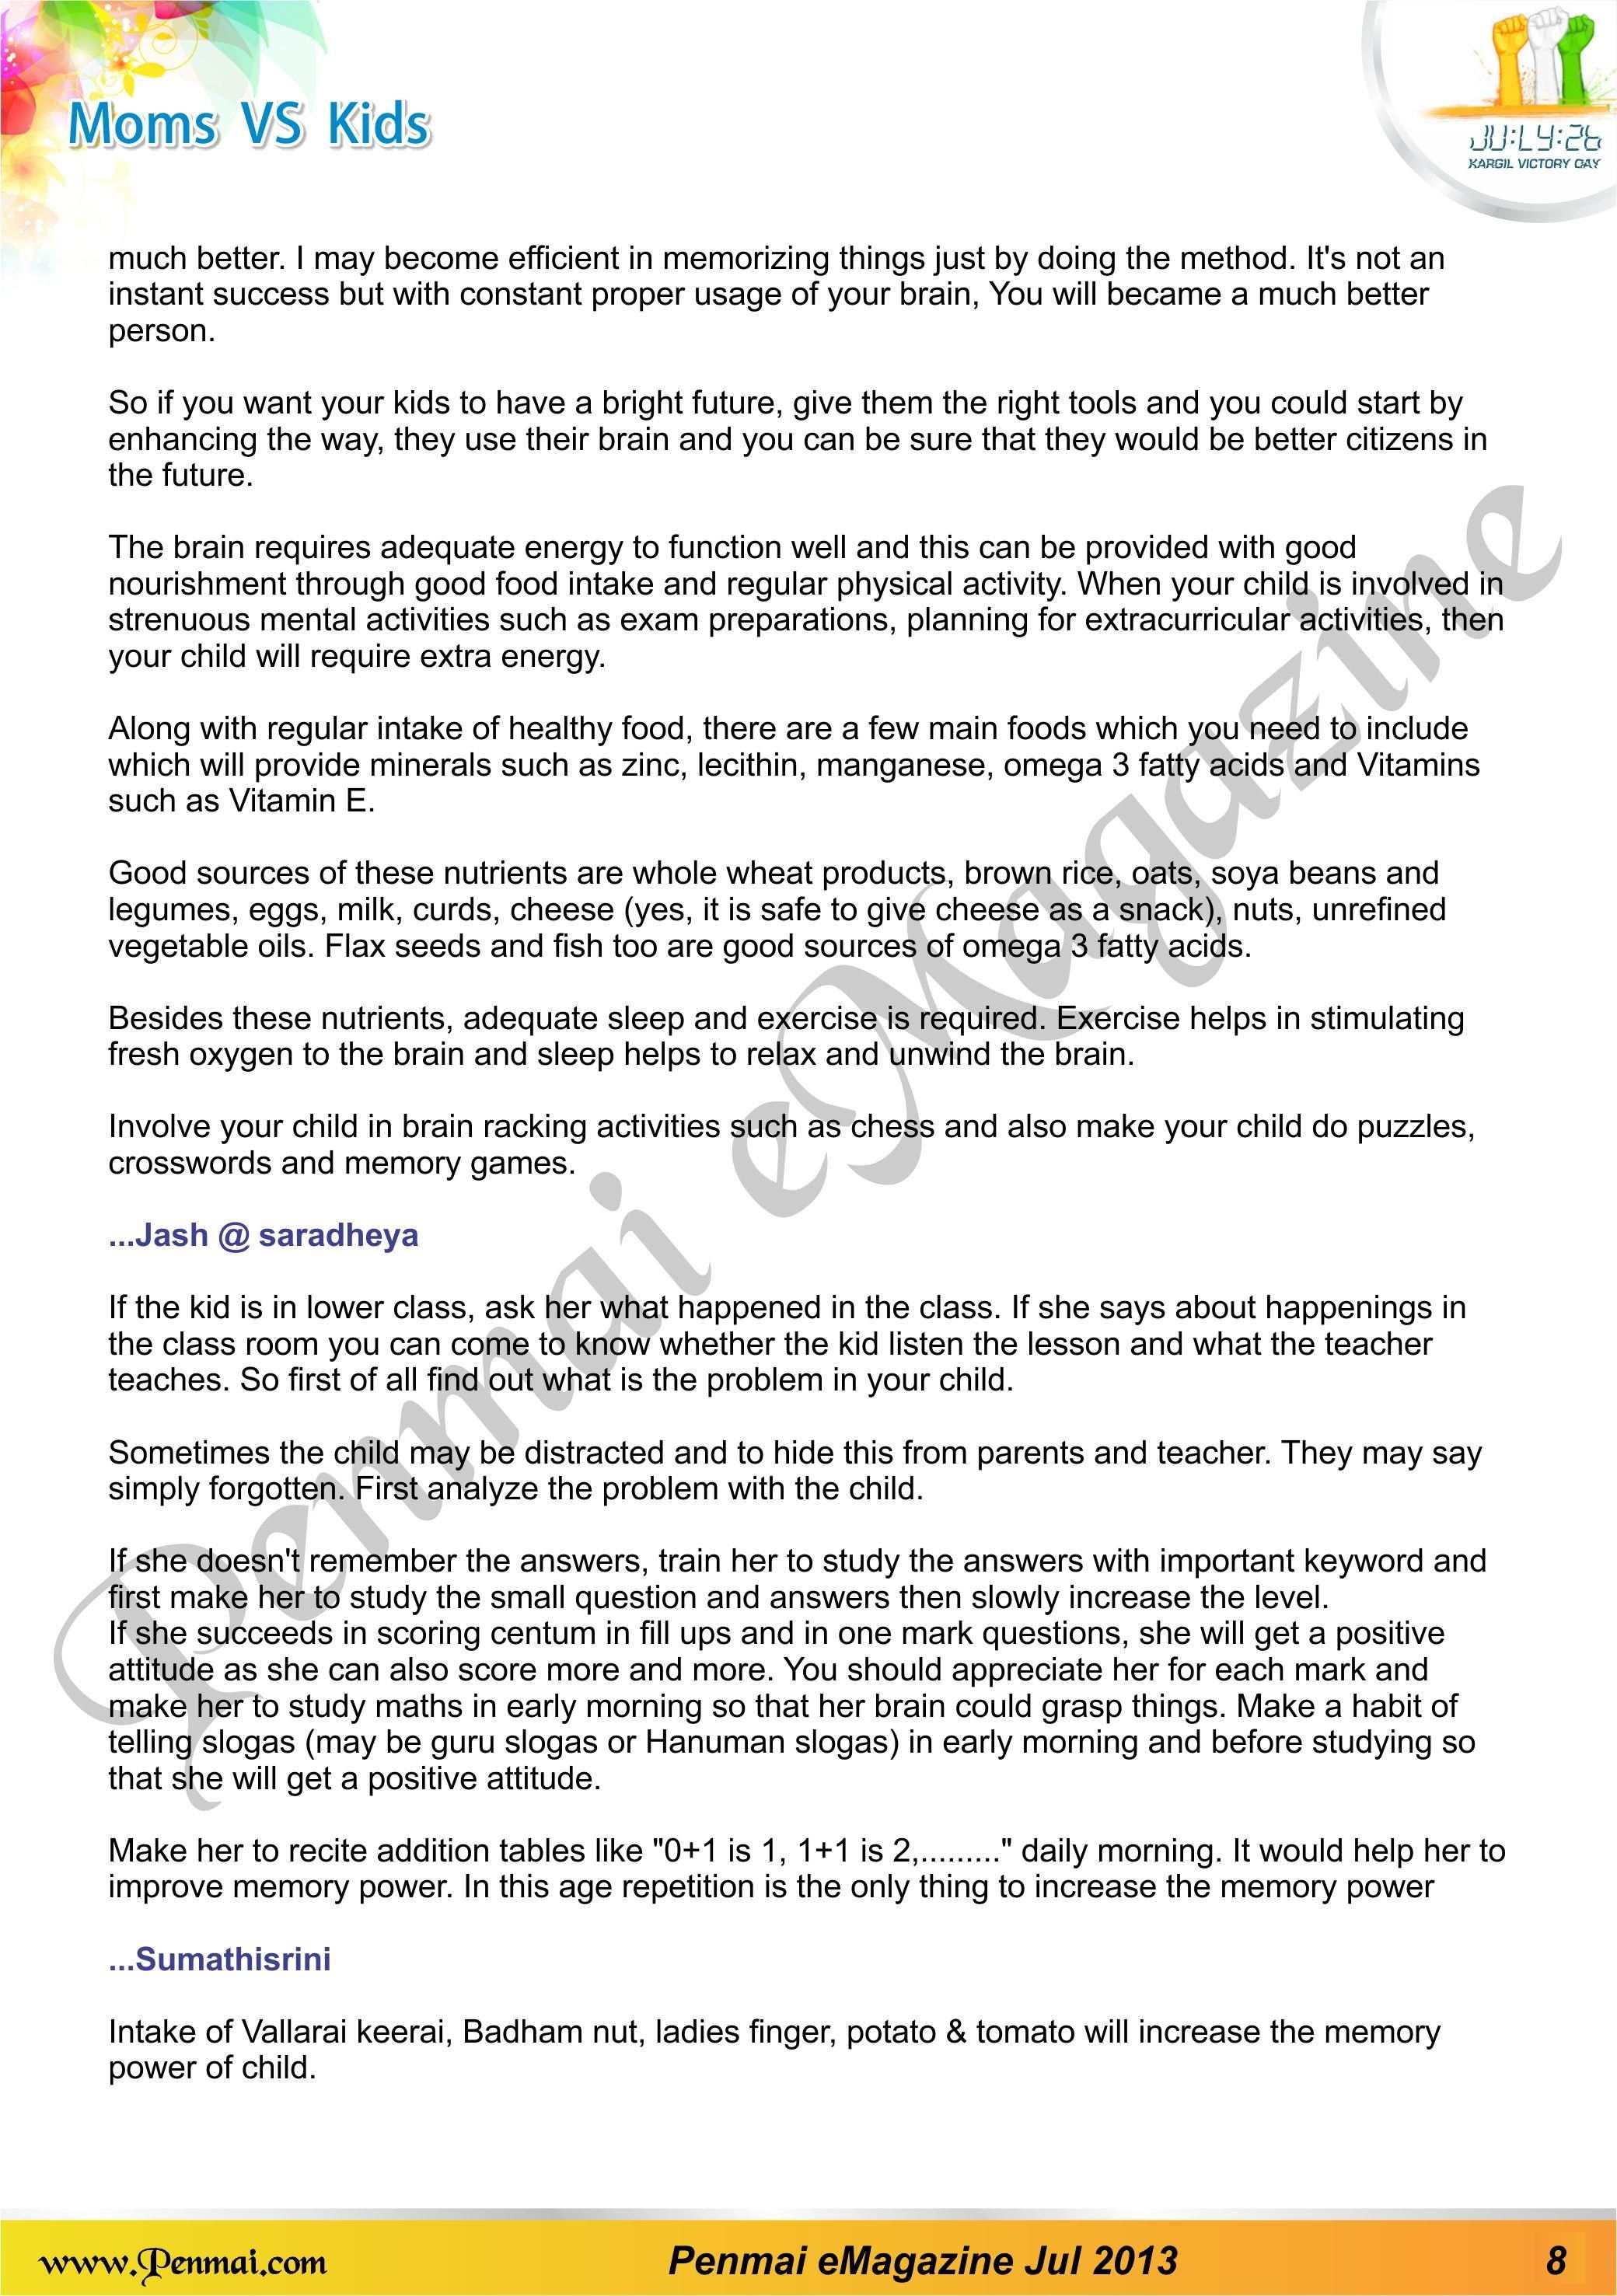 8-Penmai_July_emagazine-parenting-tips-2.jpg